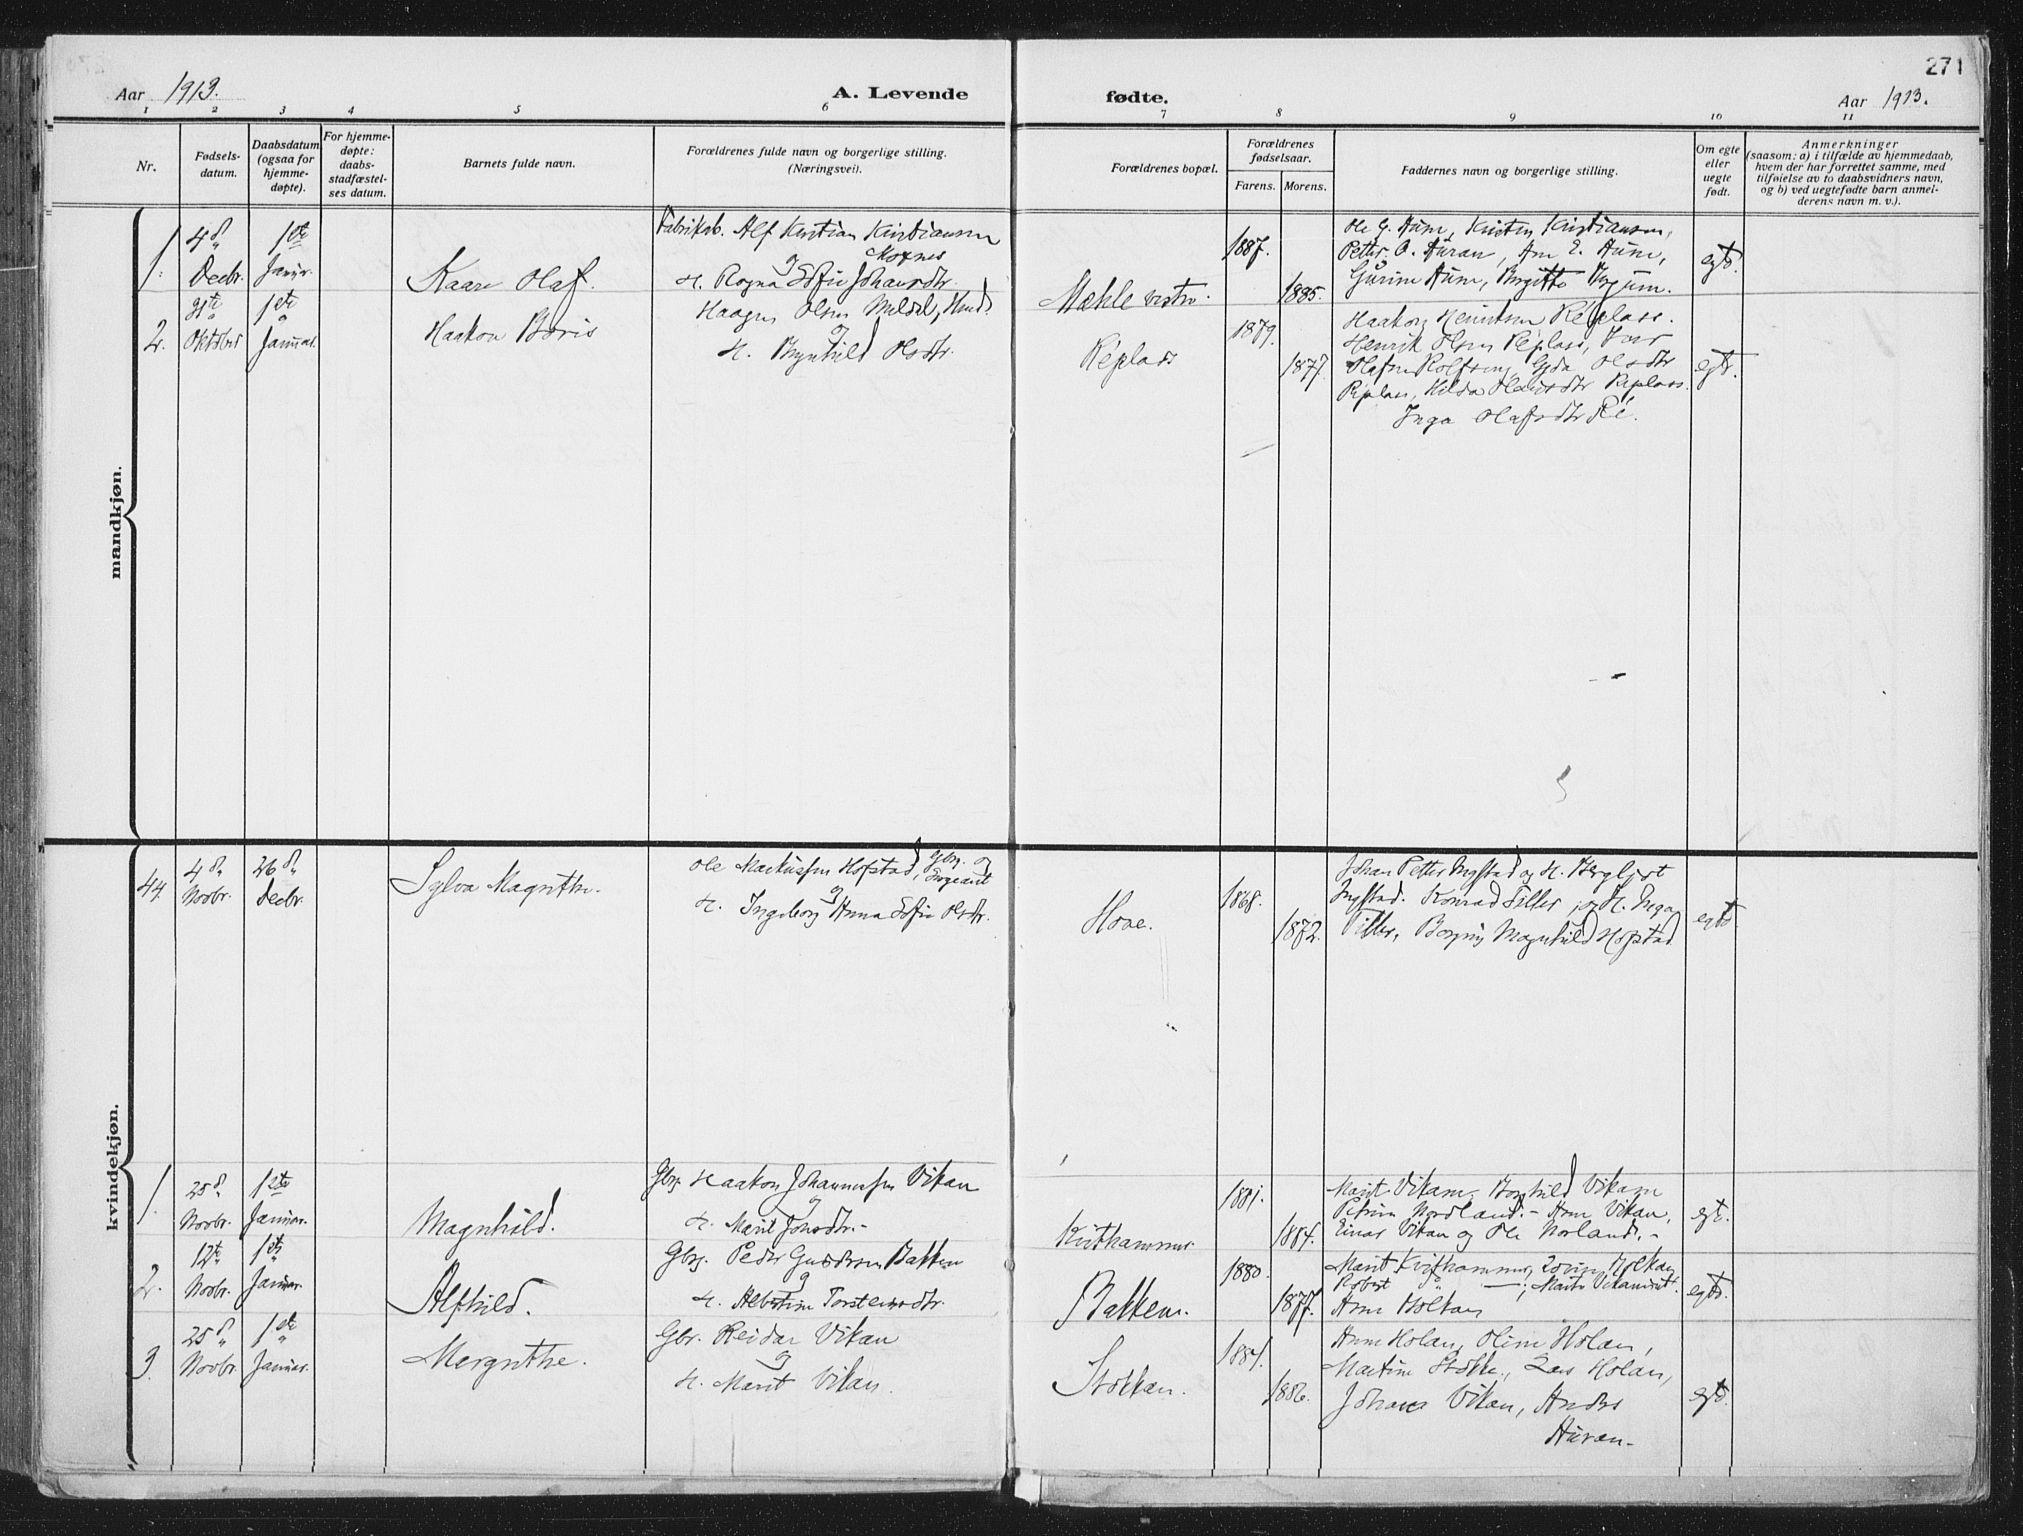 SAT, Ministerialprotokoller, klokkerbøker og fødselsregistre - Nord-Trøndelag, 709/L0082: Ministerialbok nr. 709A22, 1896-1916, s. 271